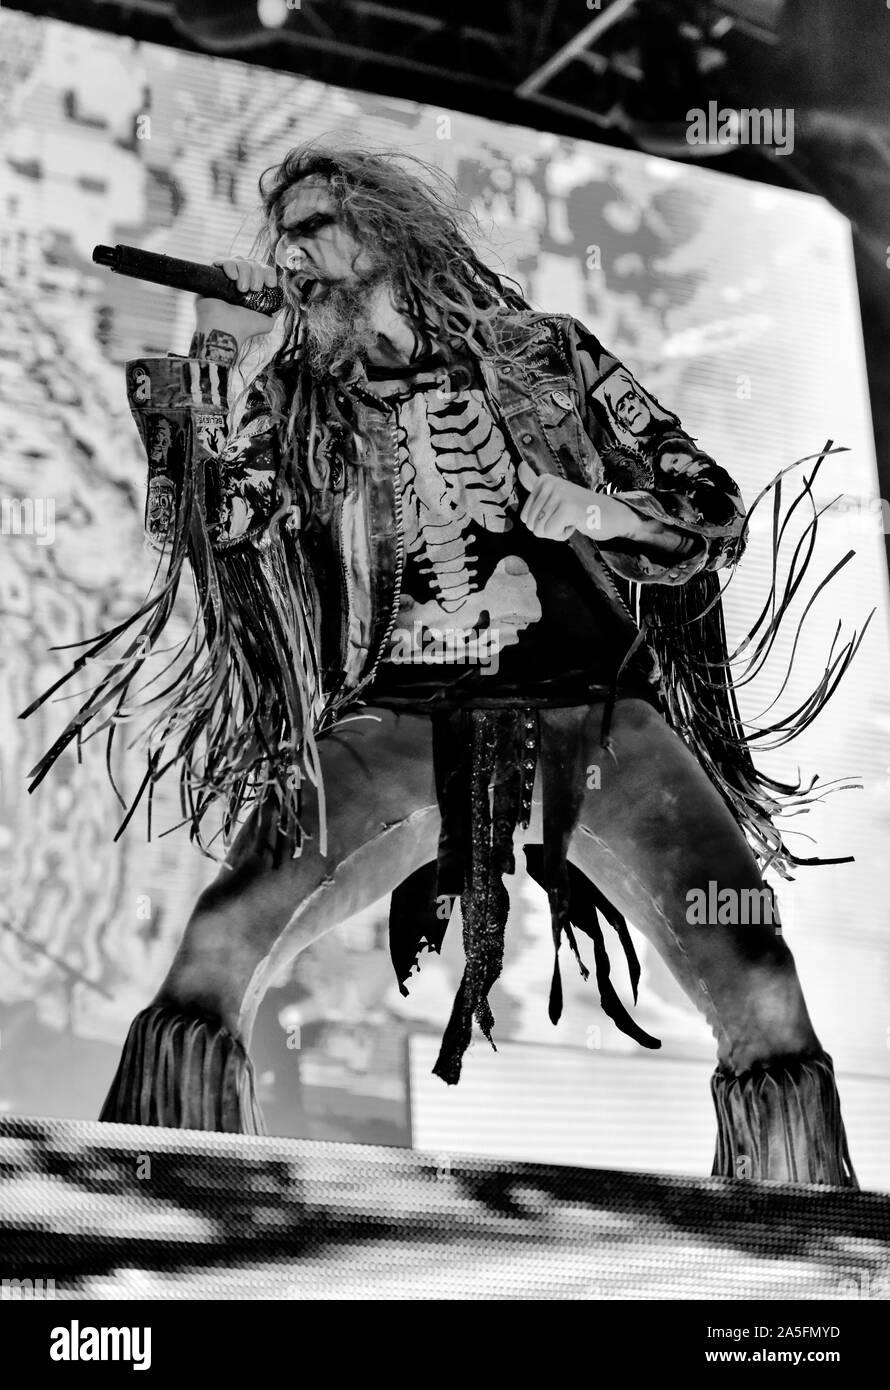 Las Vegas, Nevada, USA. 19 octobre, 2019. Rob Zombie l'exécution en concert à la troisième édition annuelle de Las Stique heavy metal music festival tenu à la Centre-ville de Las Vegas Events Center. Crédit de photo: Ken Howard Crédit Images: Ken Howard/Alamy Live News Banque D'Images